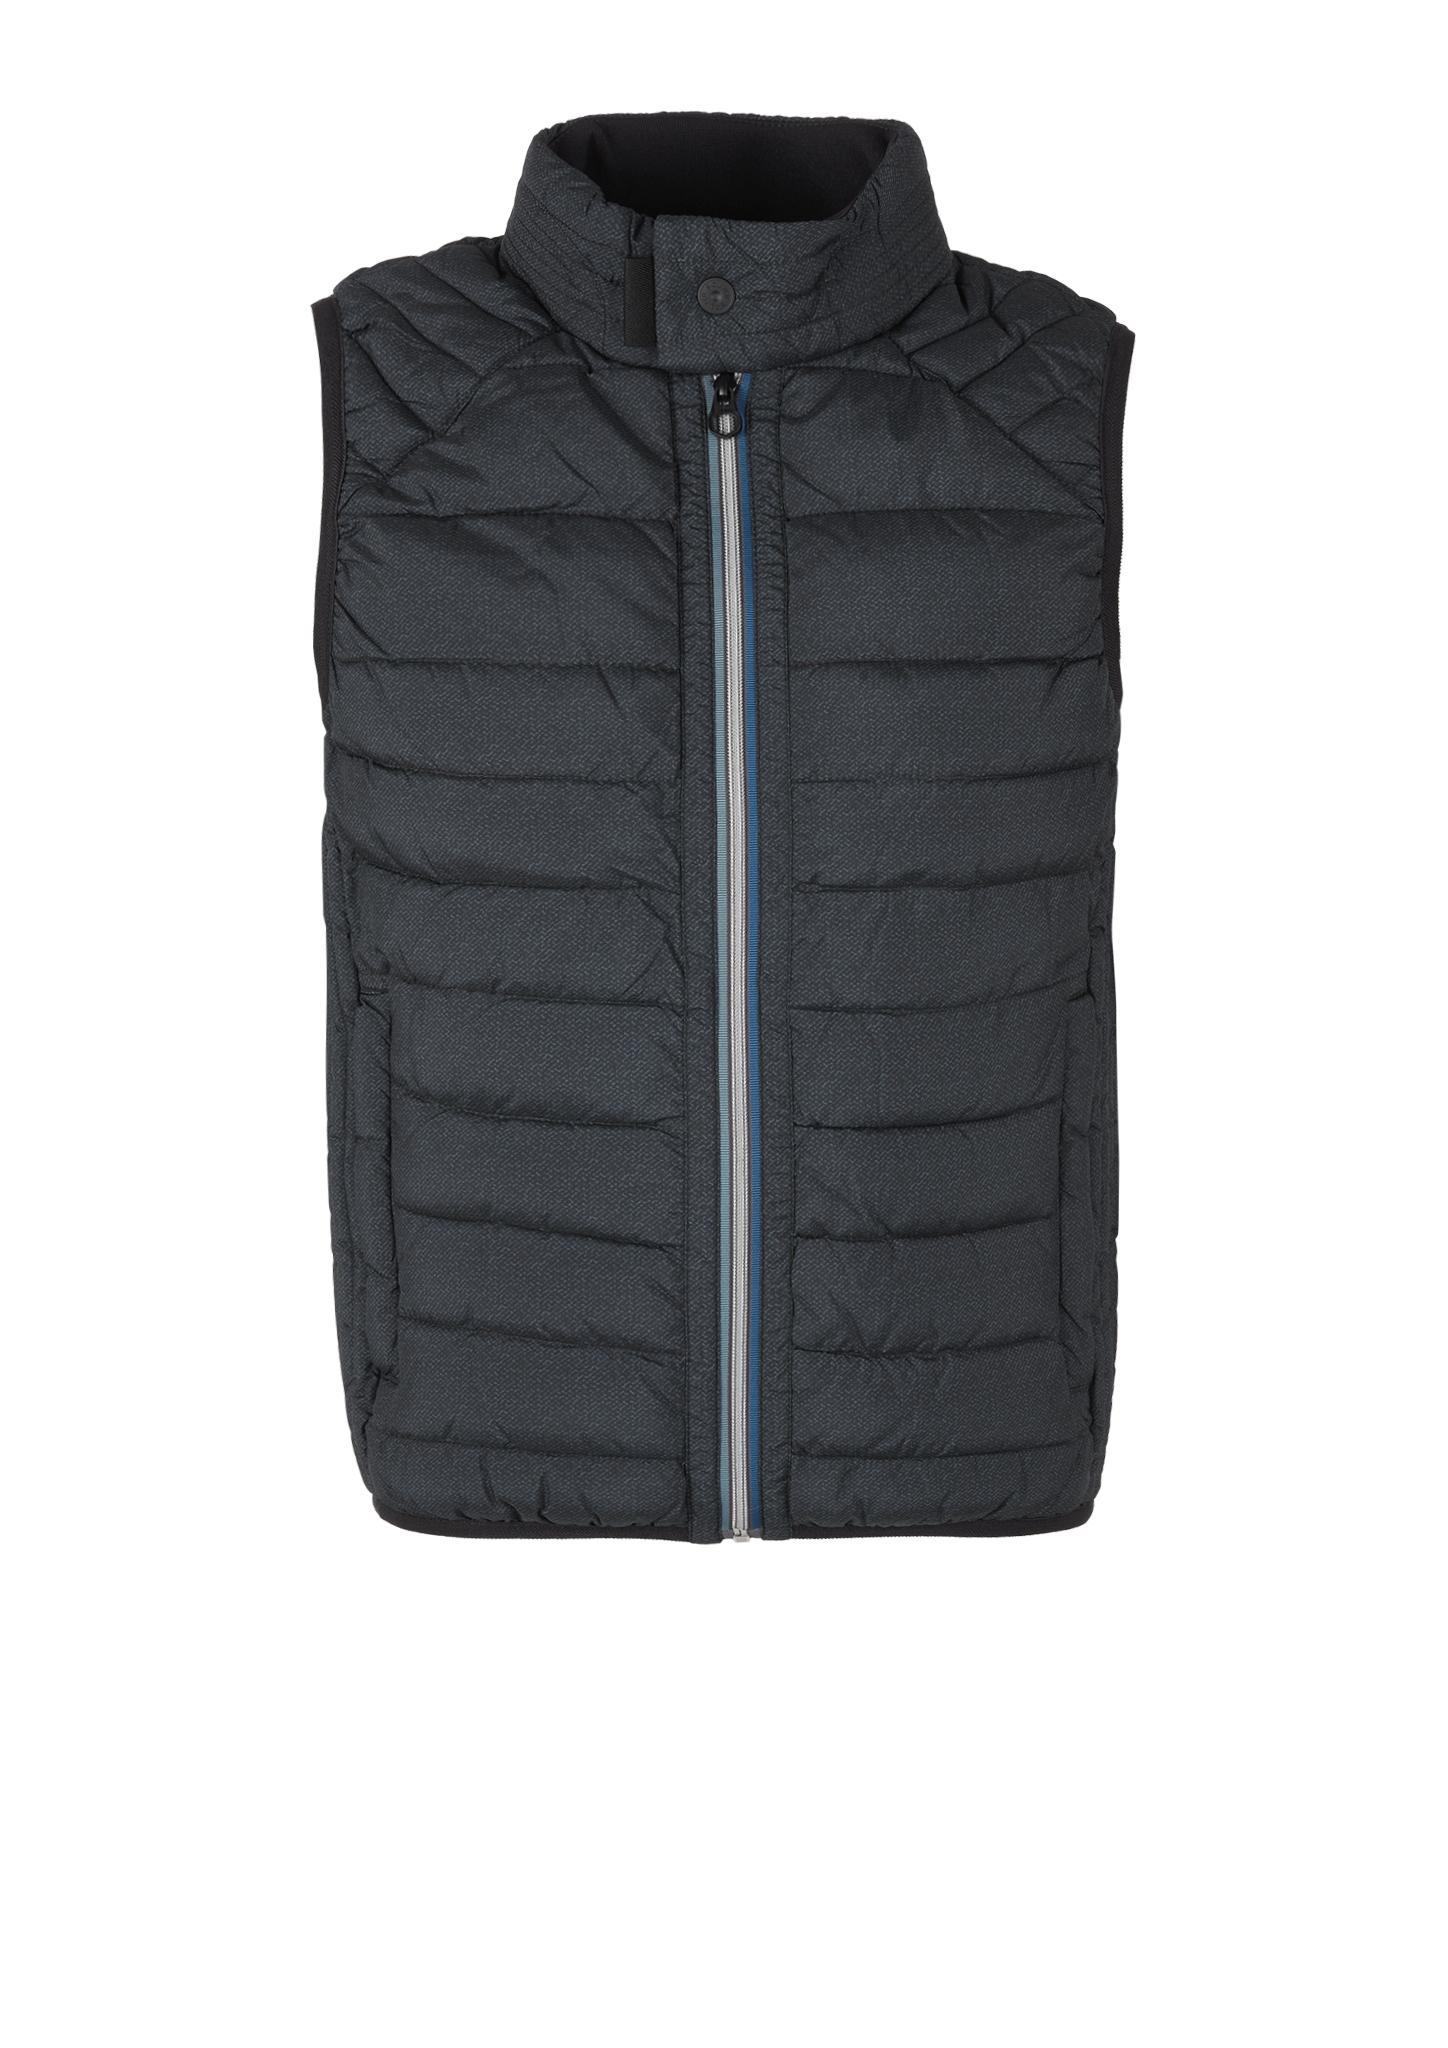 Outdoor-Weste | Sportbekleidung > Sportwesten > Outdoorwesten | Schwarz | Oberstoff: 100% polyester| futter: 100% polyamid| füllung: 100% polyester | s.Oliver